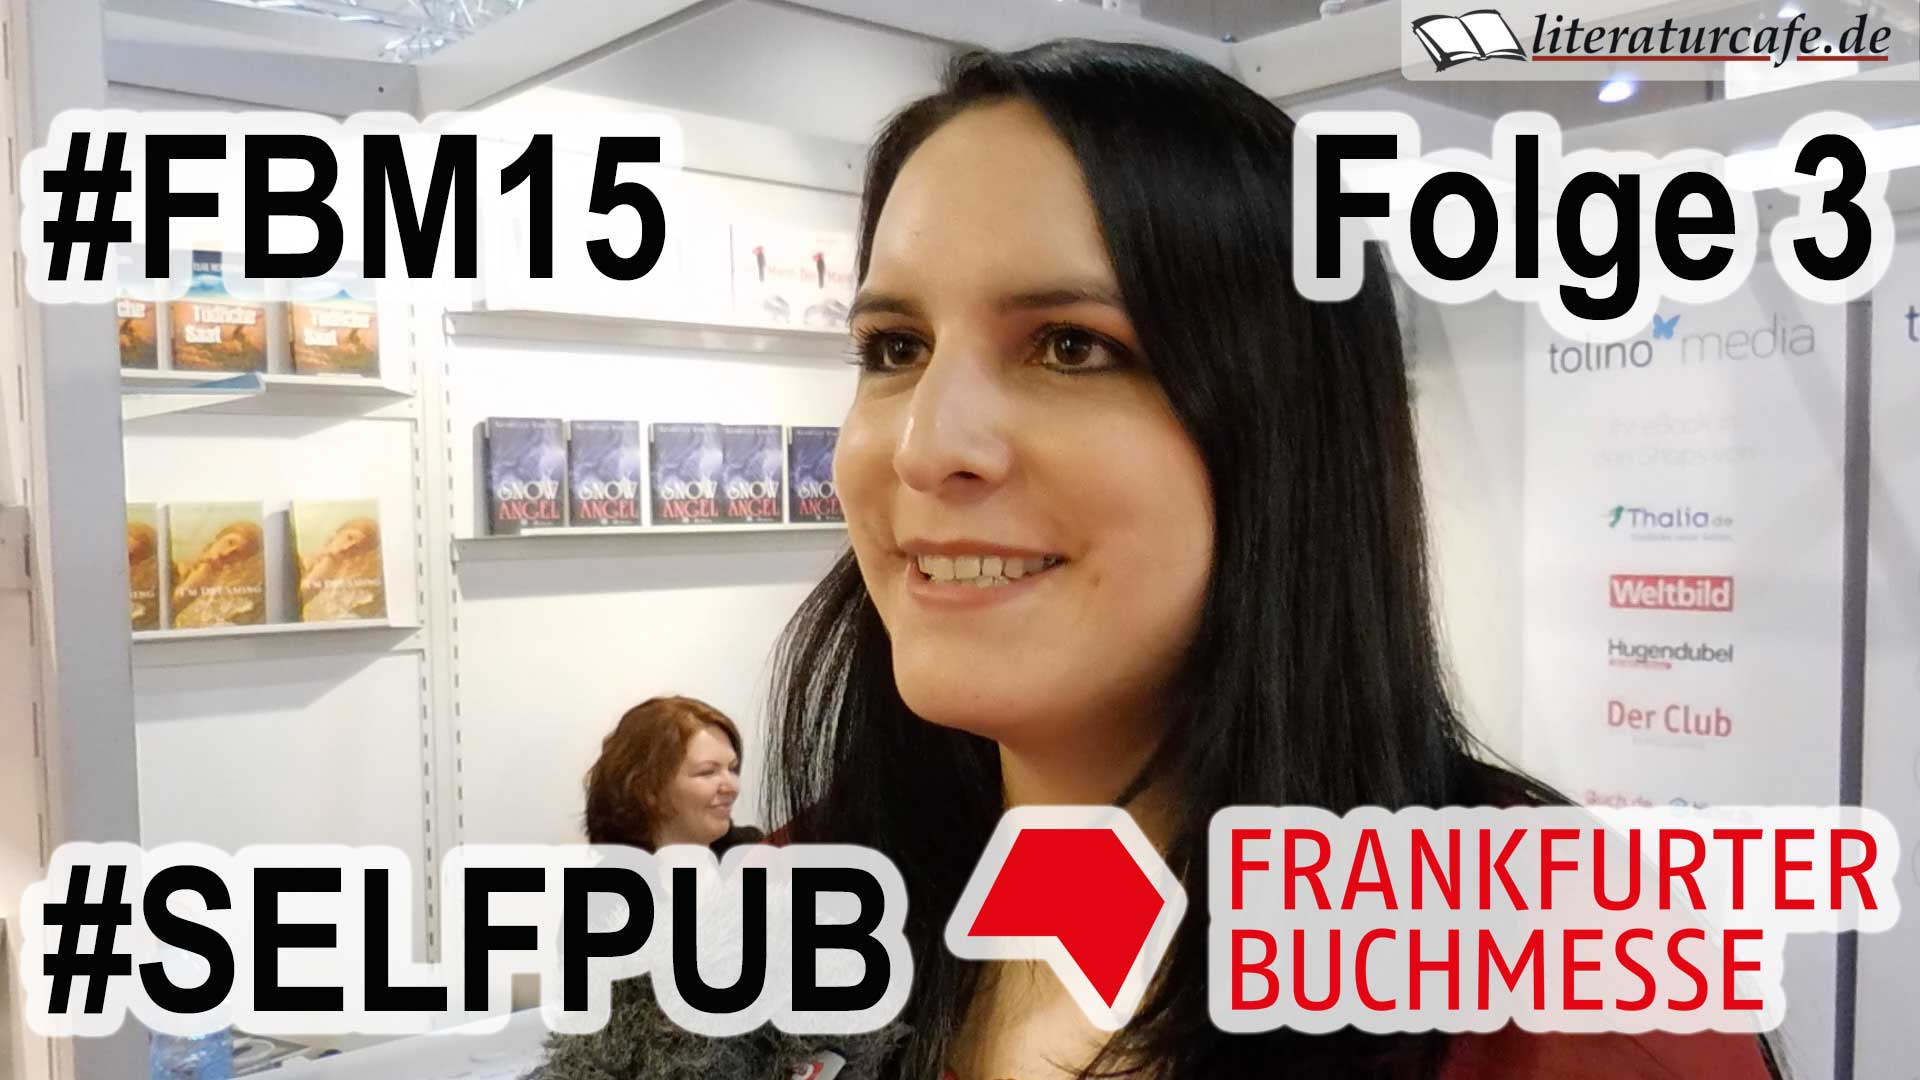 Self-Publishing-Podcast von der Frankfurter Buchmesse 2015 - Folge 3